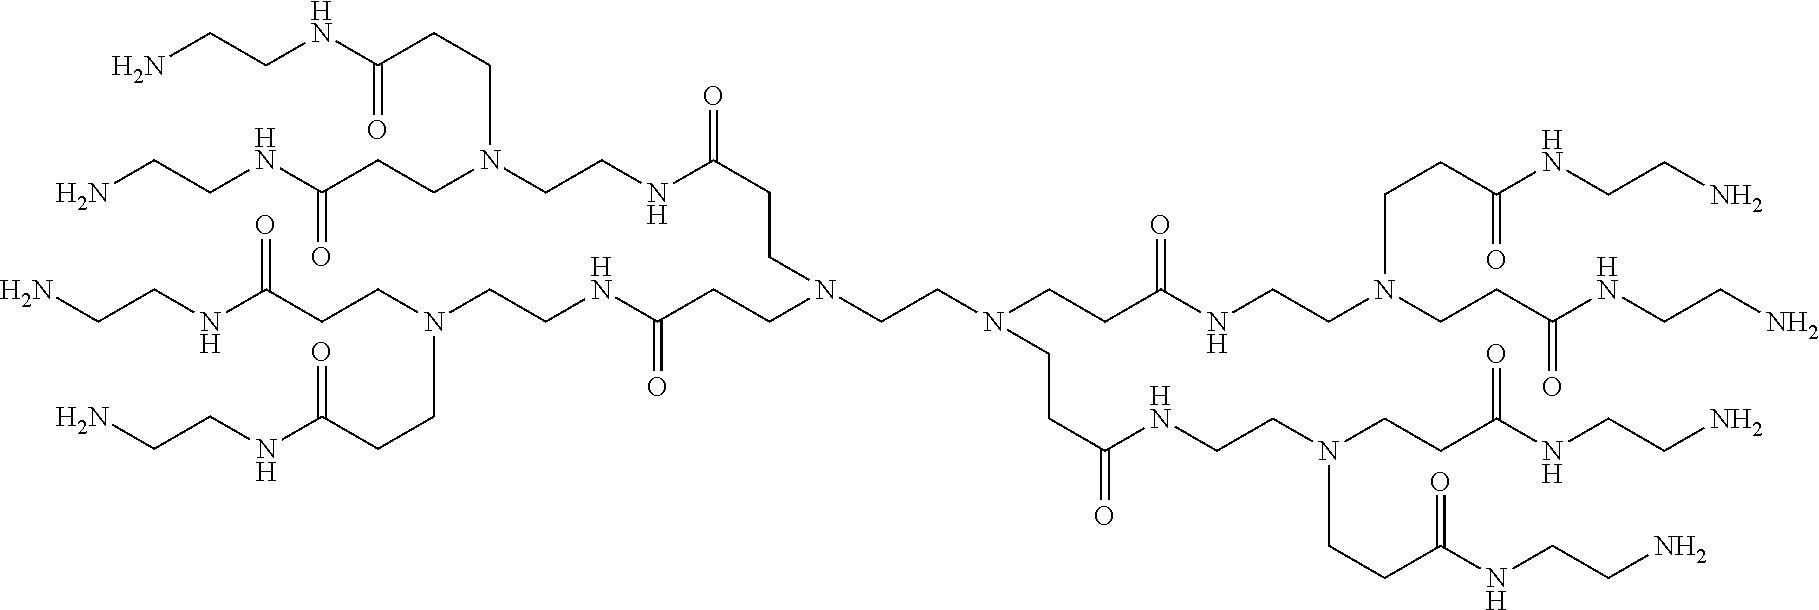 Figure US10213529-20190226-C00006